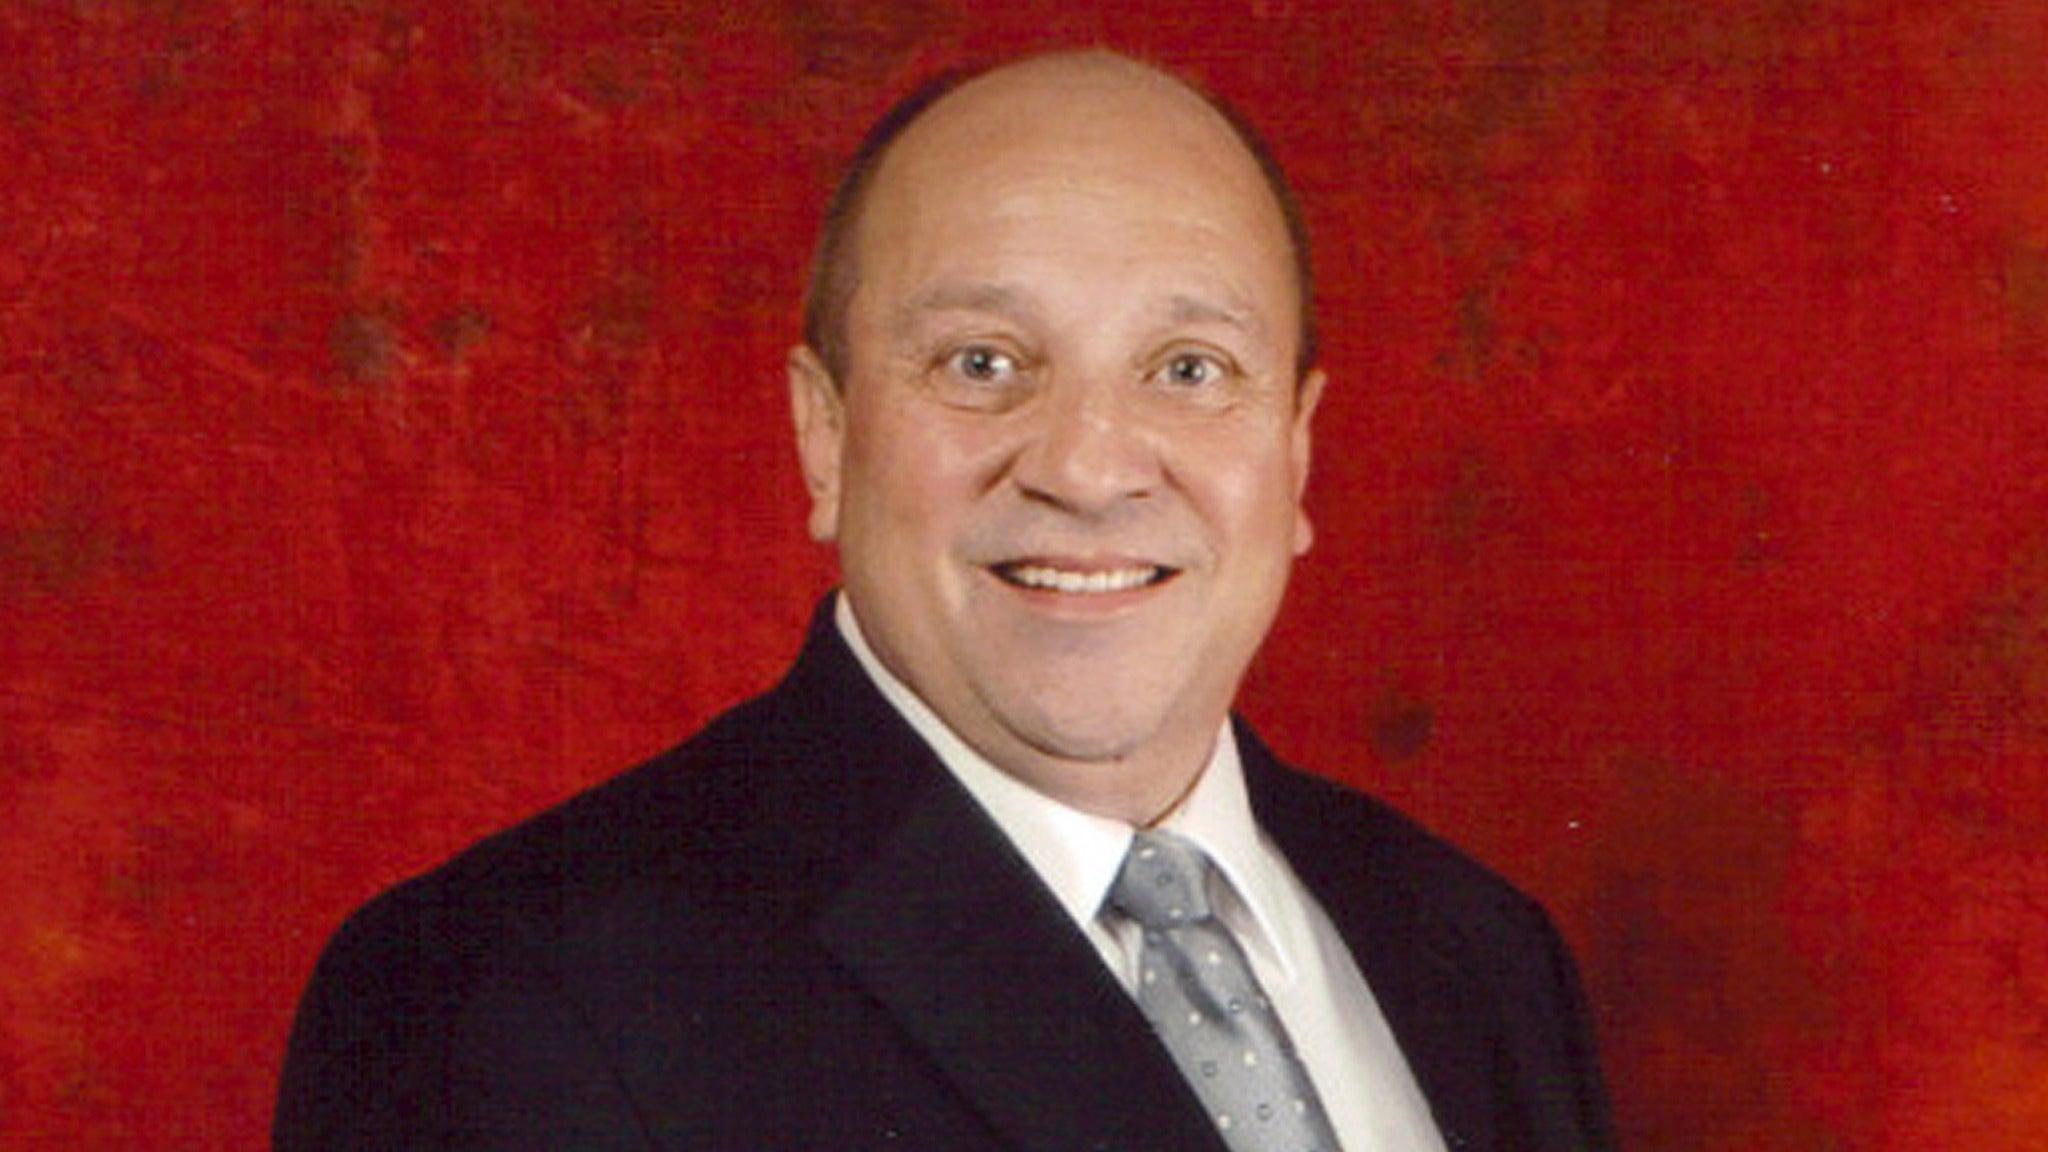 Keith Lenart at Pechanga Resort and Casino